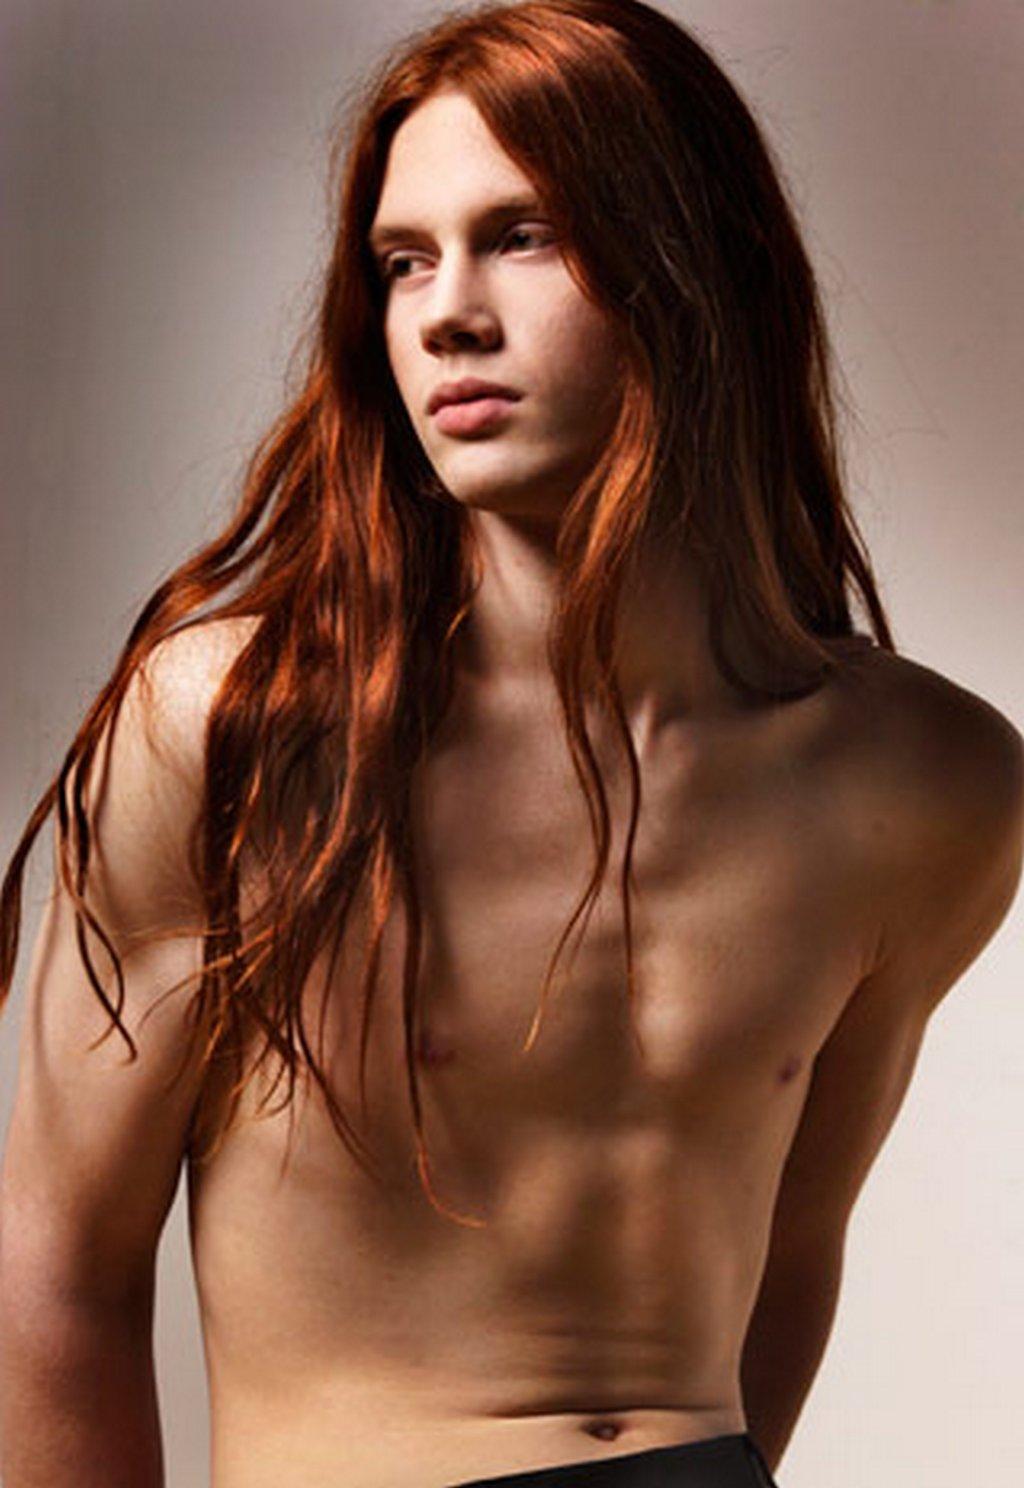 Фото худых блондинок с длинными волосами 14 фотография